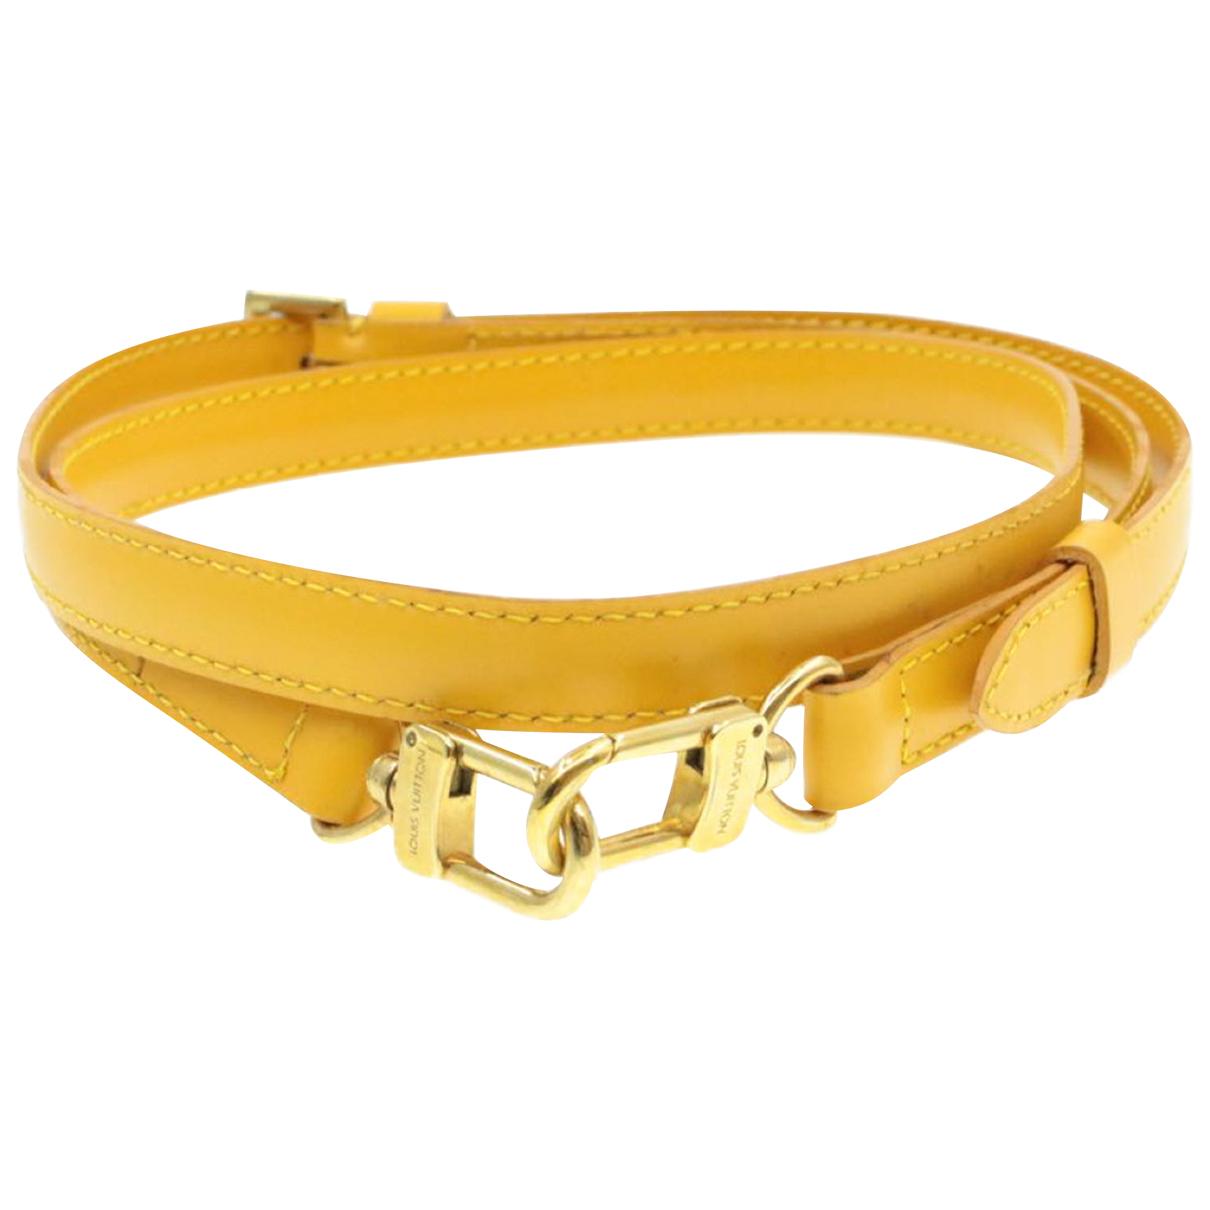 Louis Vuitton - Foulard   pour femme en autre - jaune